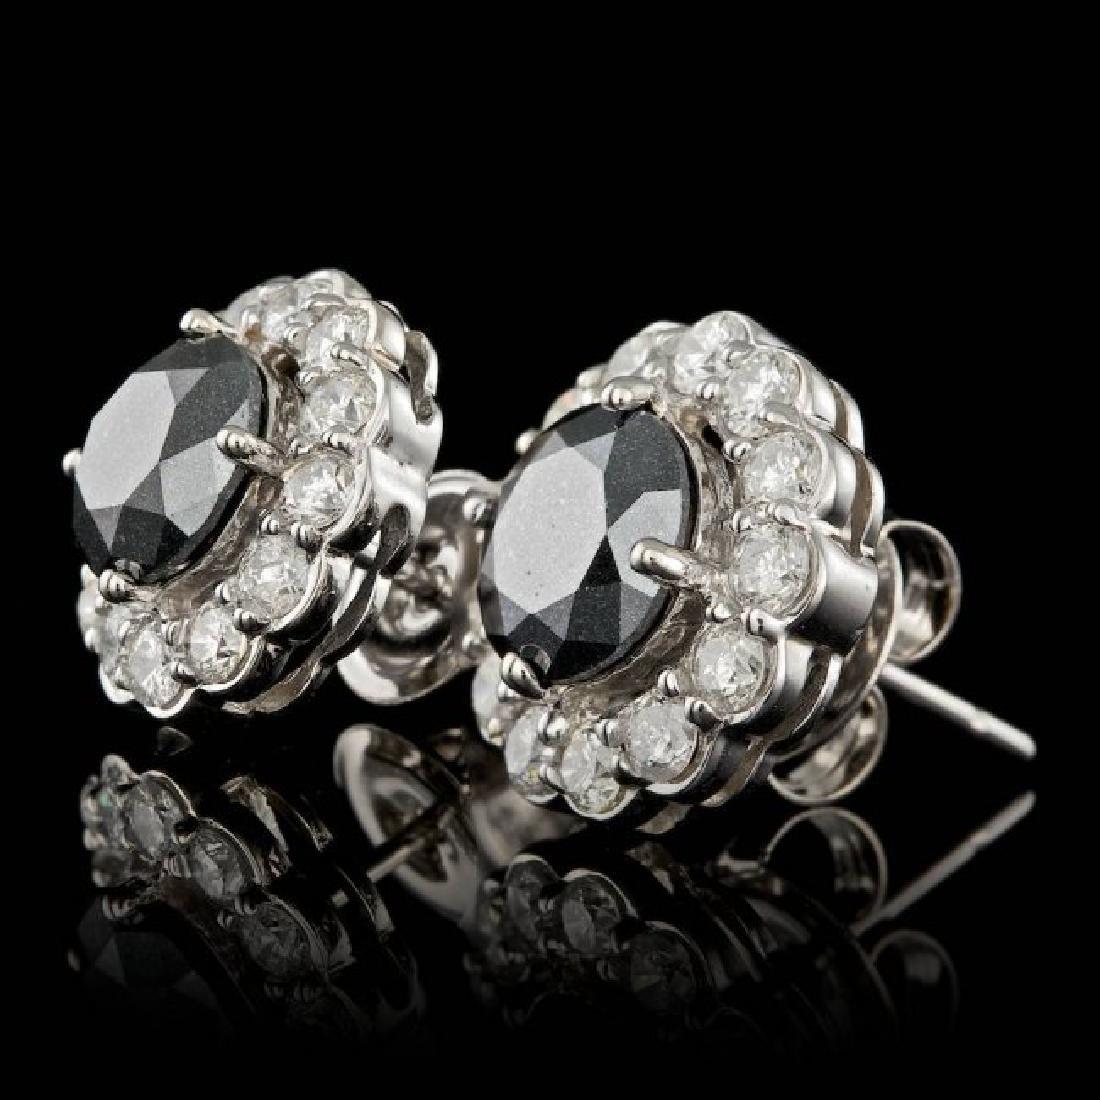 14k White Gold 6ct Diamond Earrings - 2